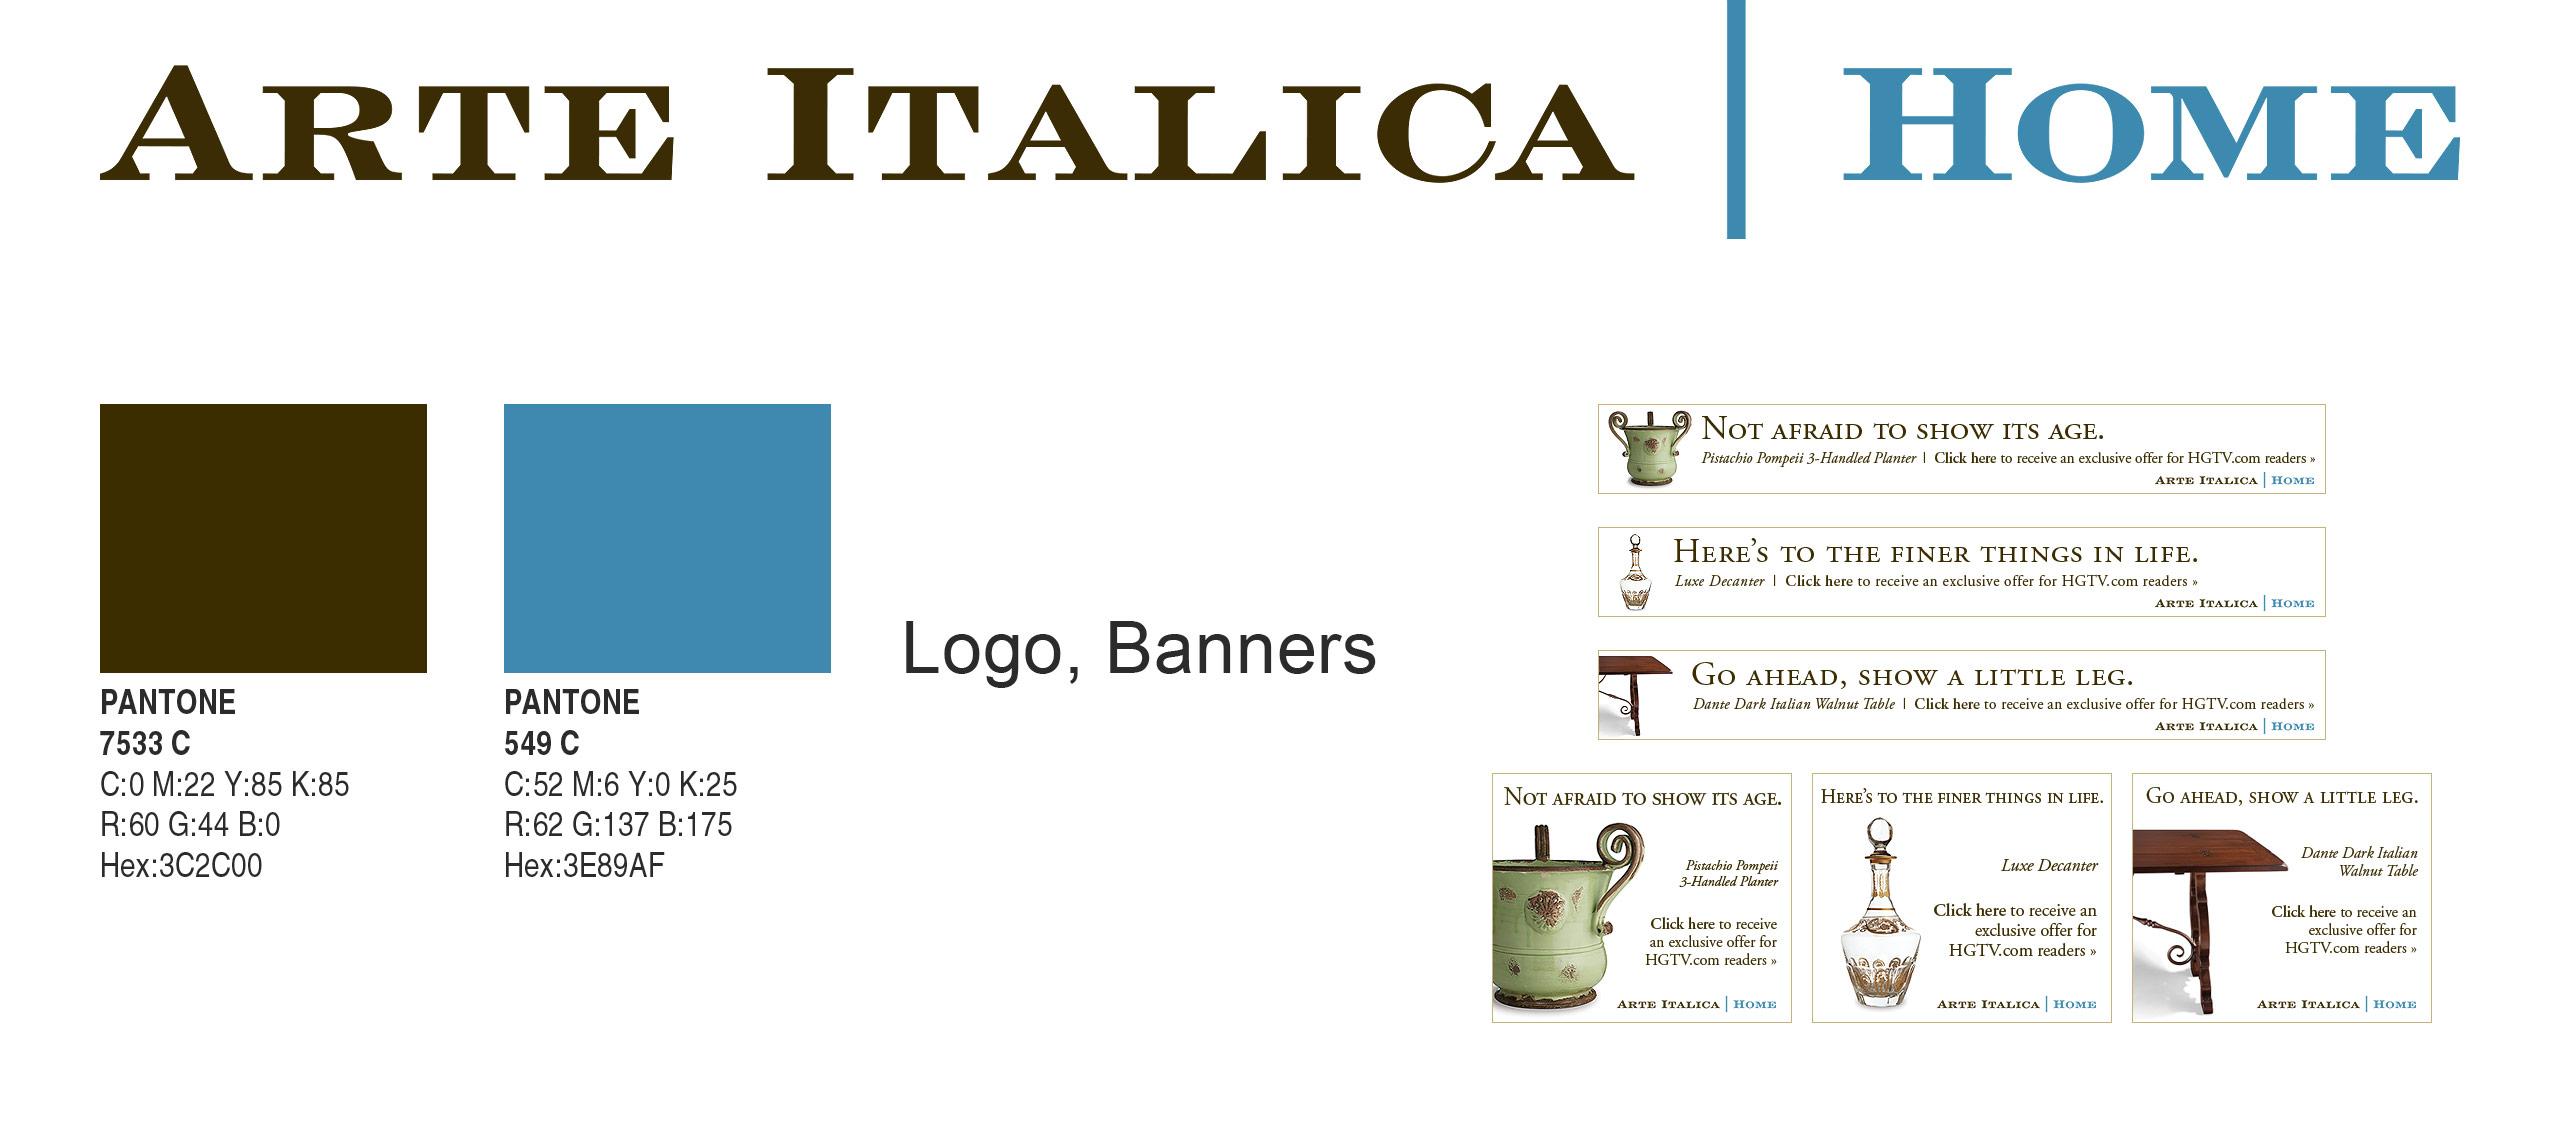 arte italica home logo